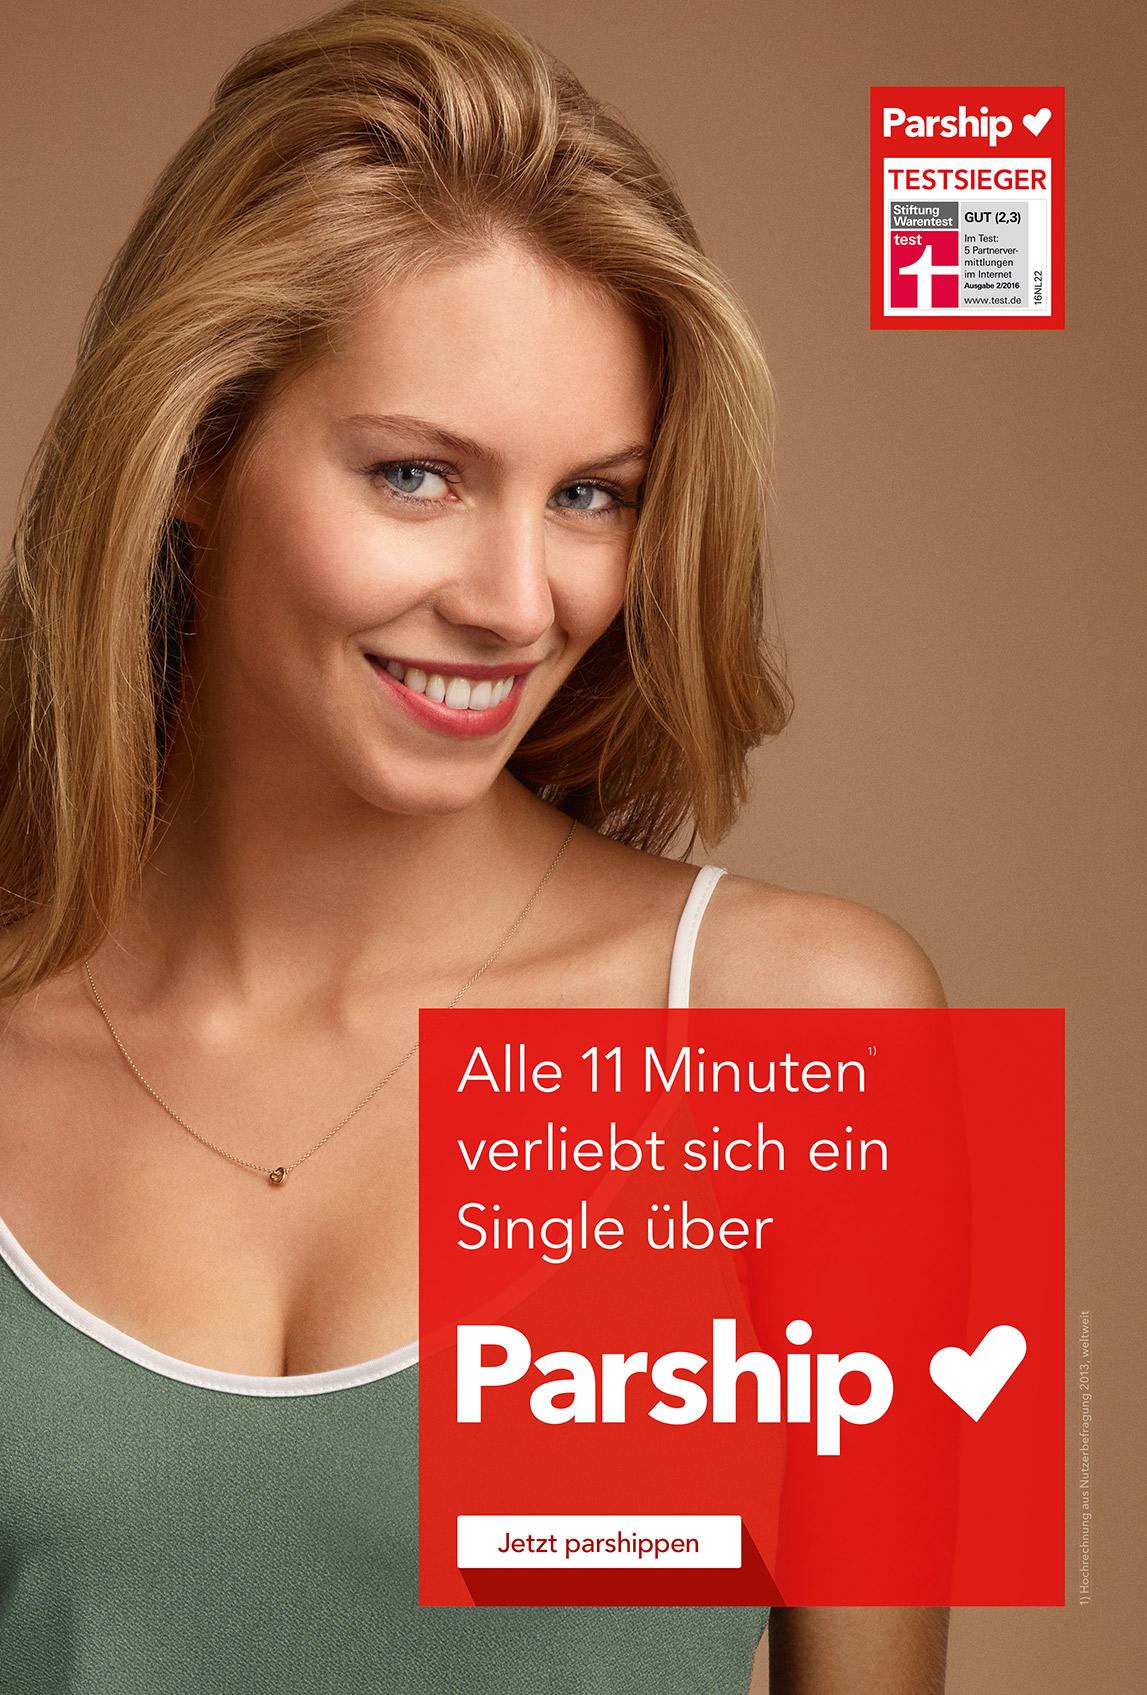 Parship Fotos Werden Geprüft